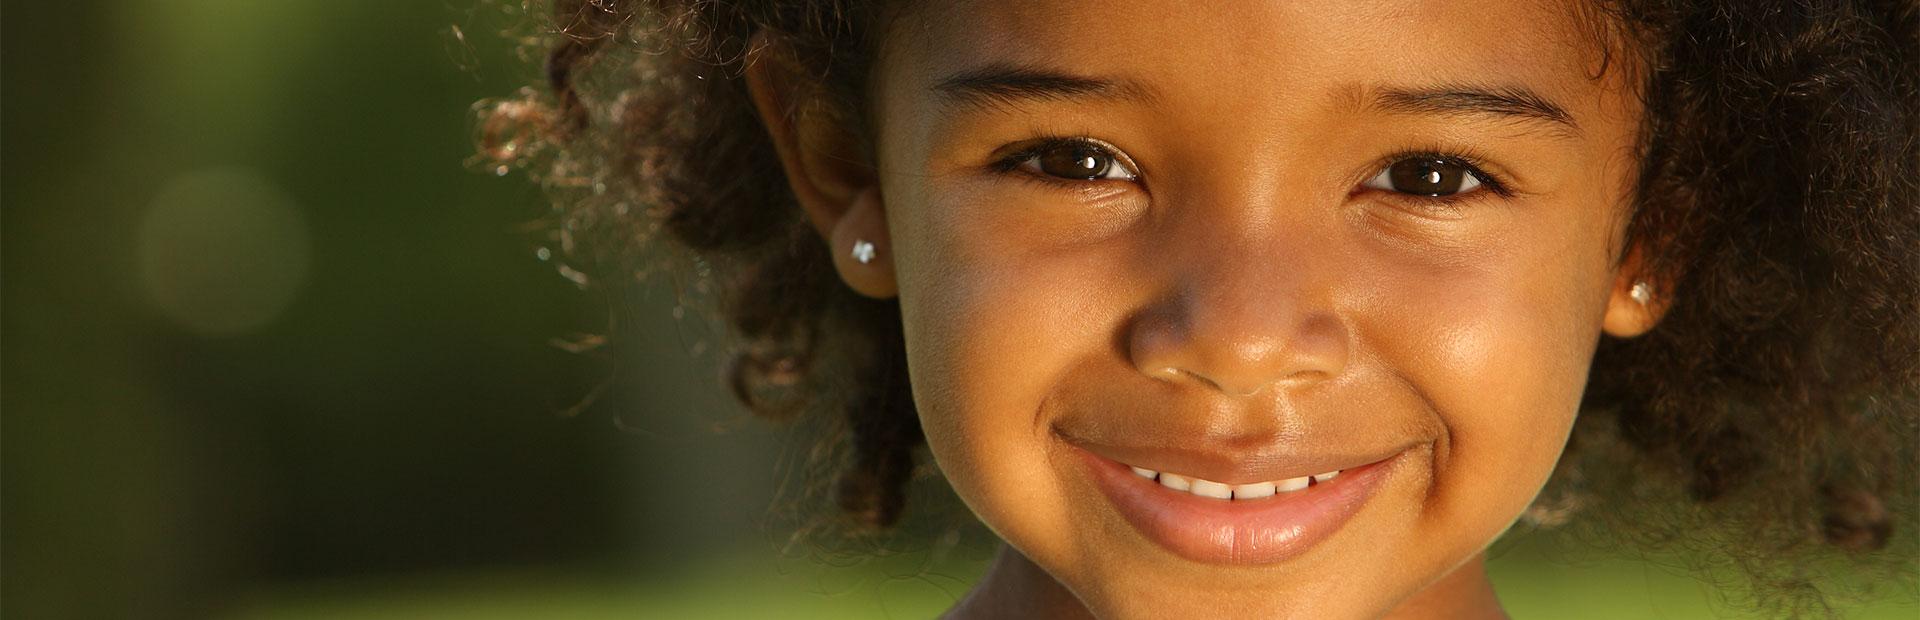 Children's Dentistry in Sugar Land, TX